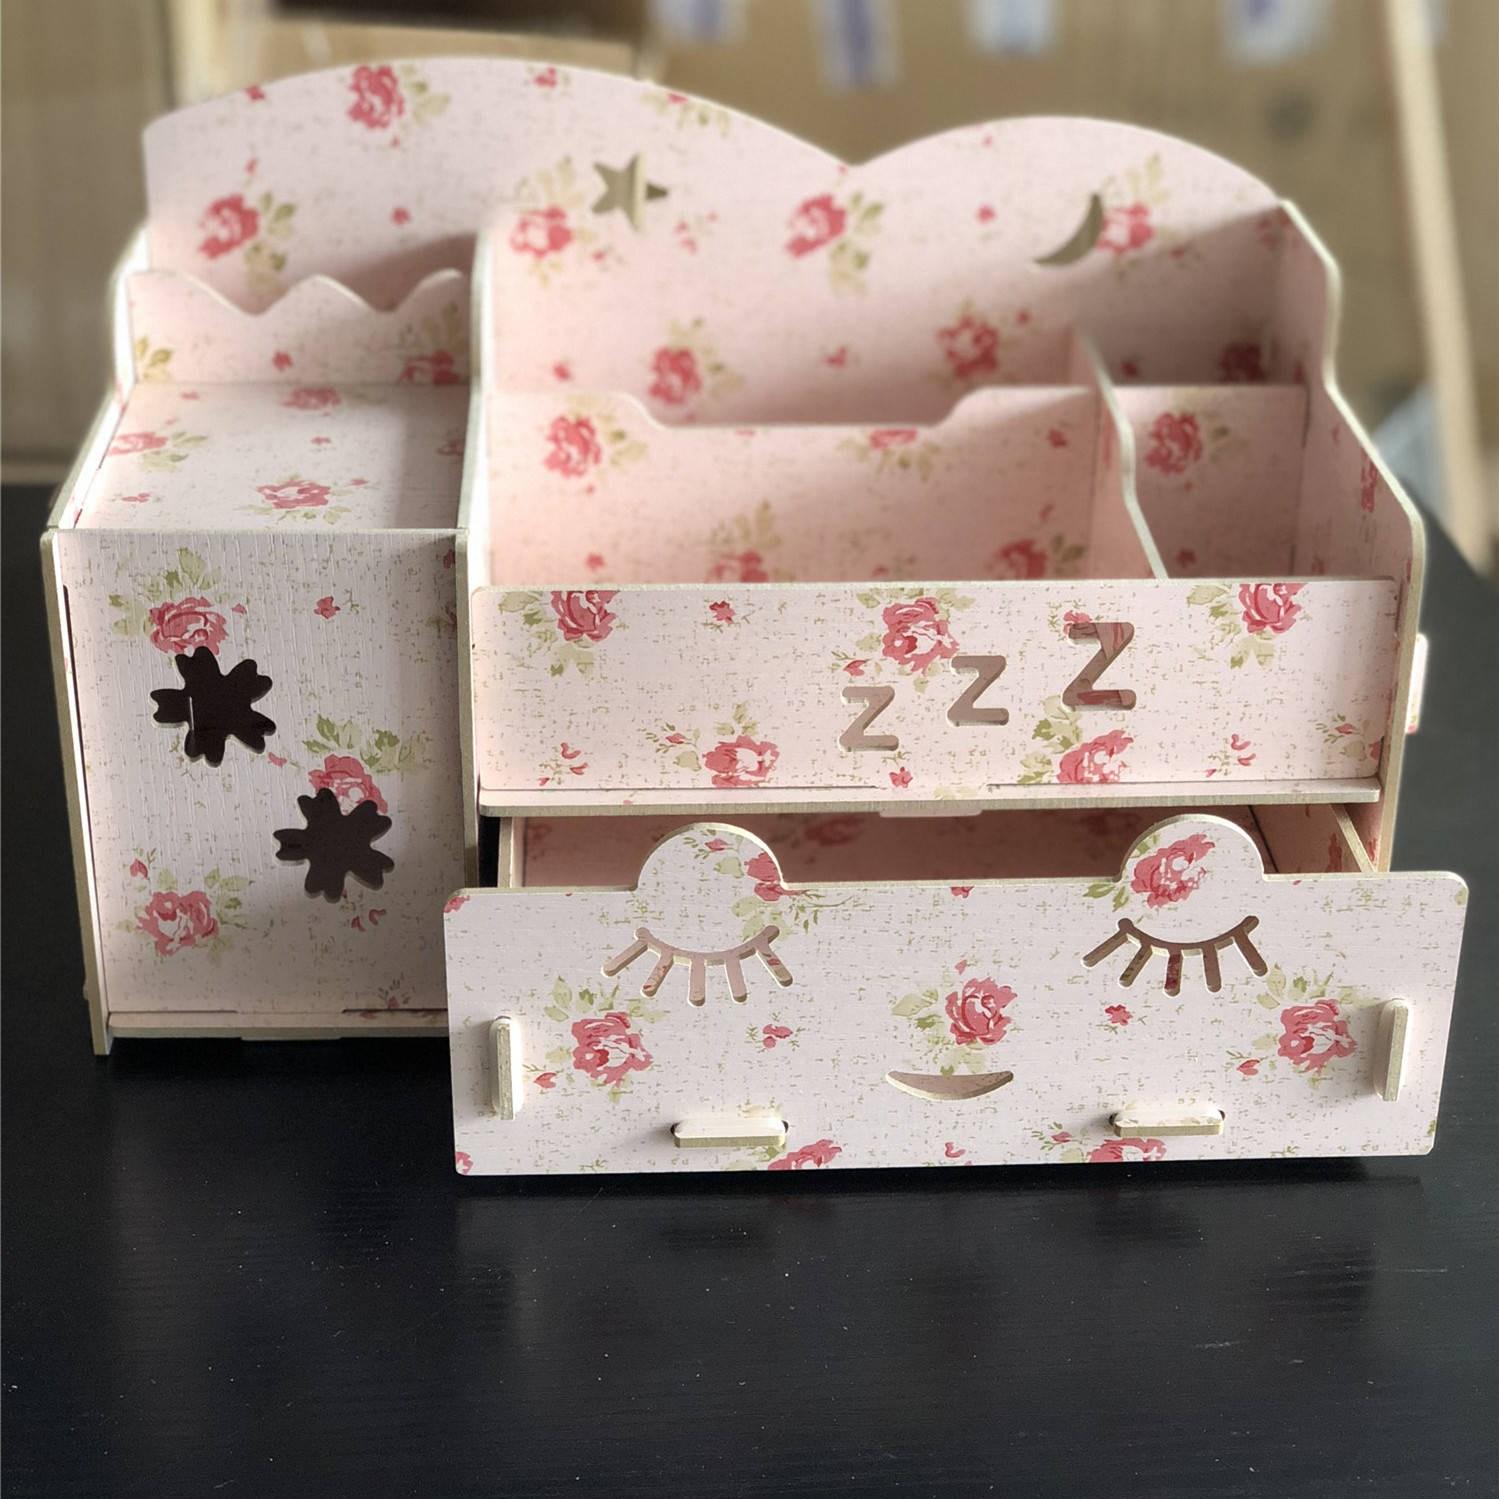 【超便携】化妆品收纳盒木质化妆盒子梳妆台卧室首饰盒桌面收纳盒